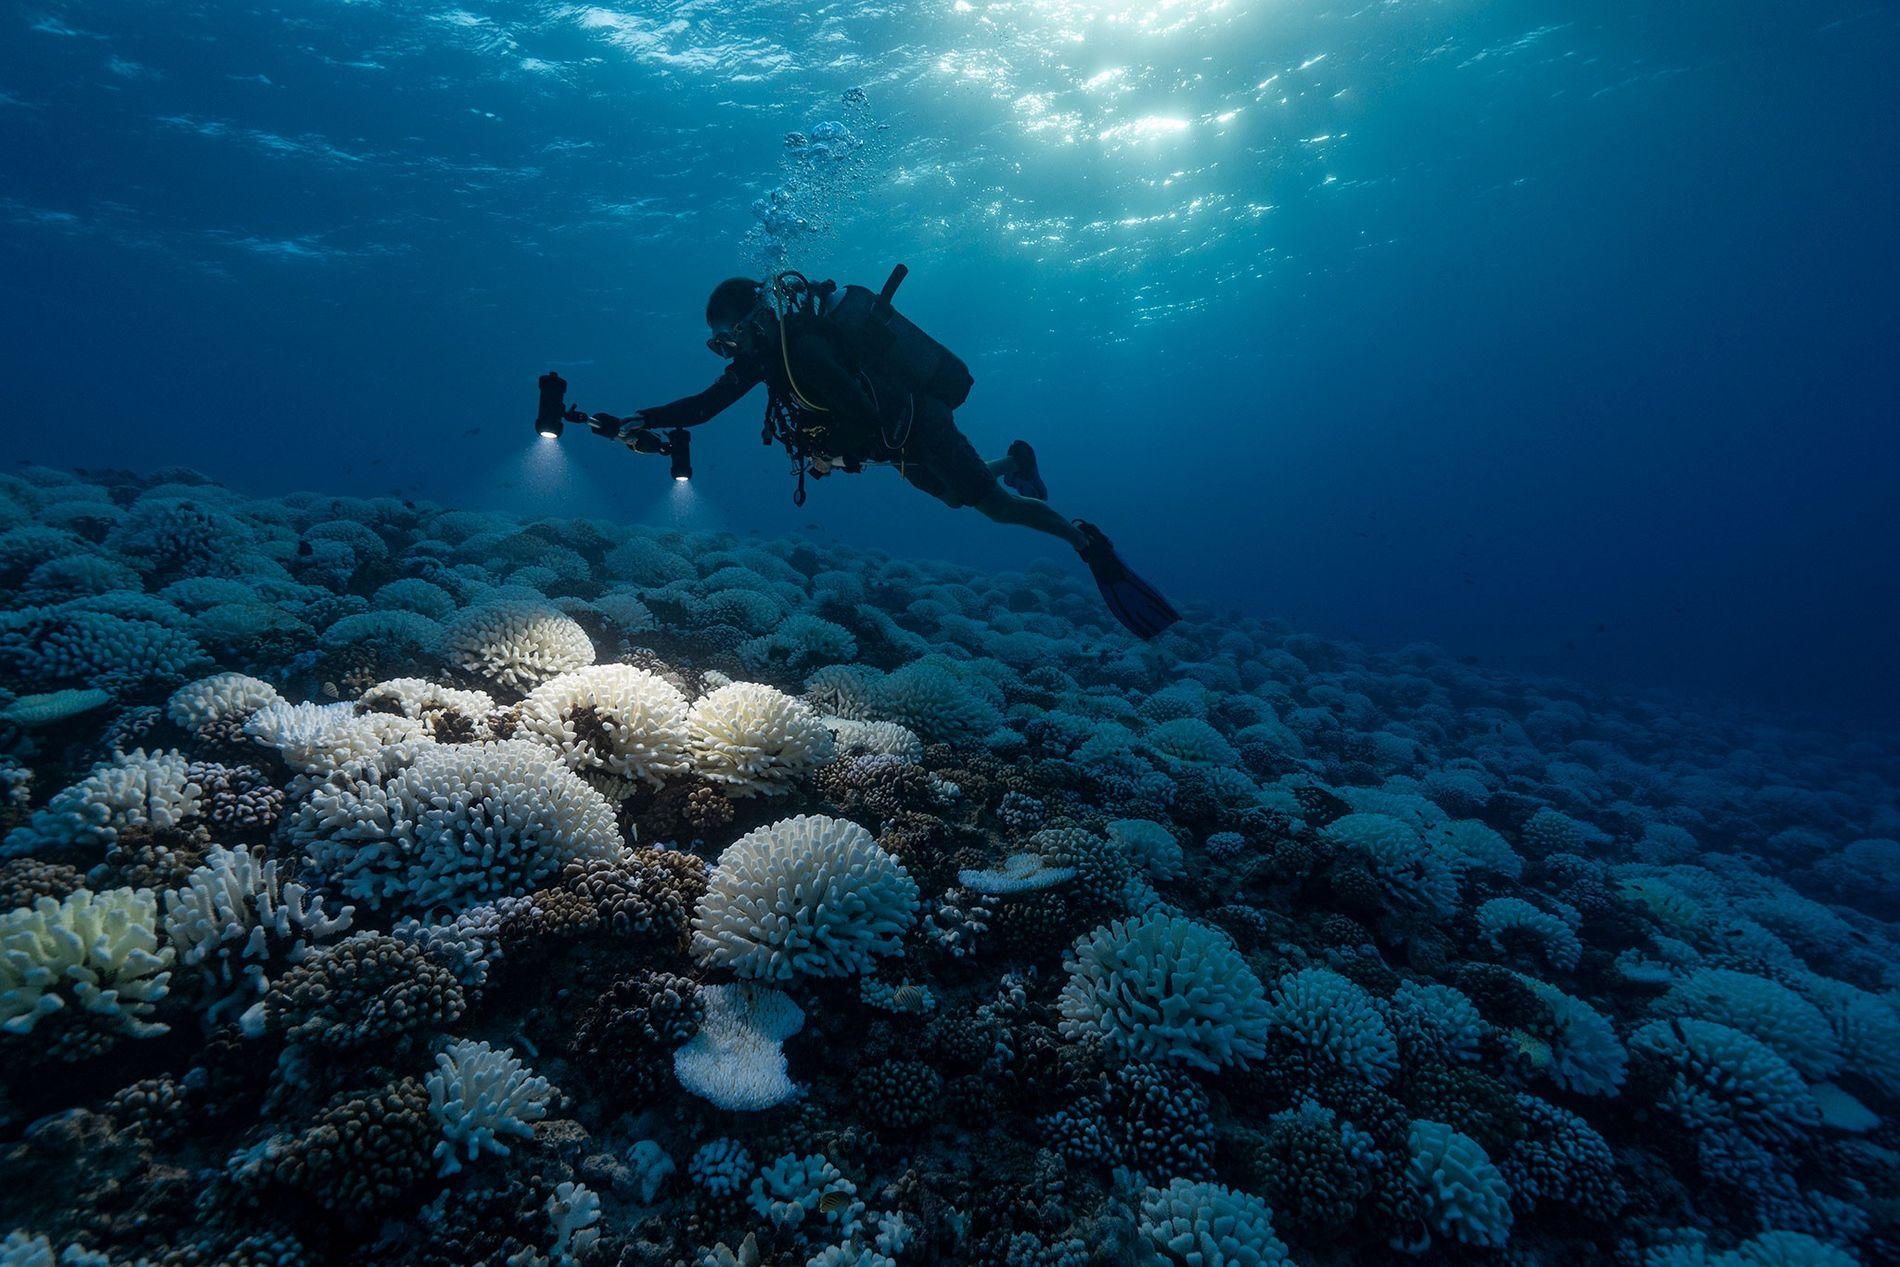 Les océans et les coraux qui y vivent subissent une pression climatique extrême et ils pourraient ...